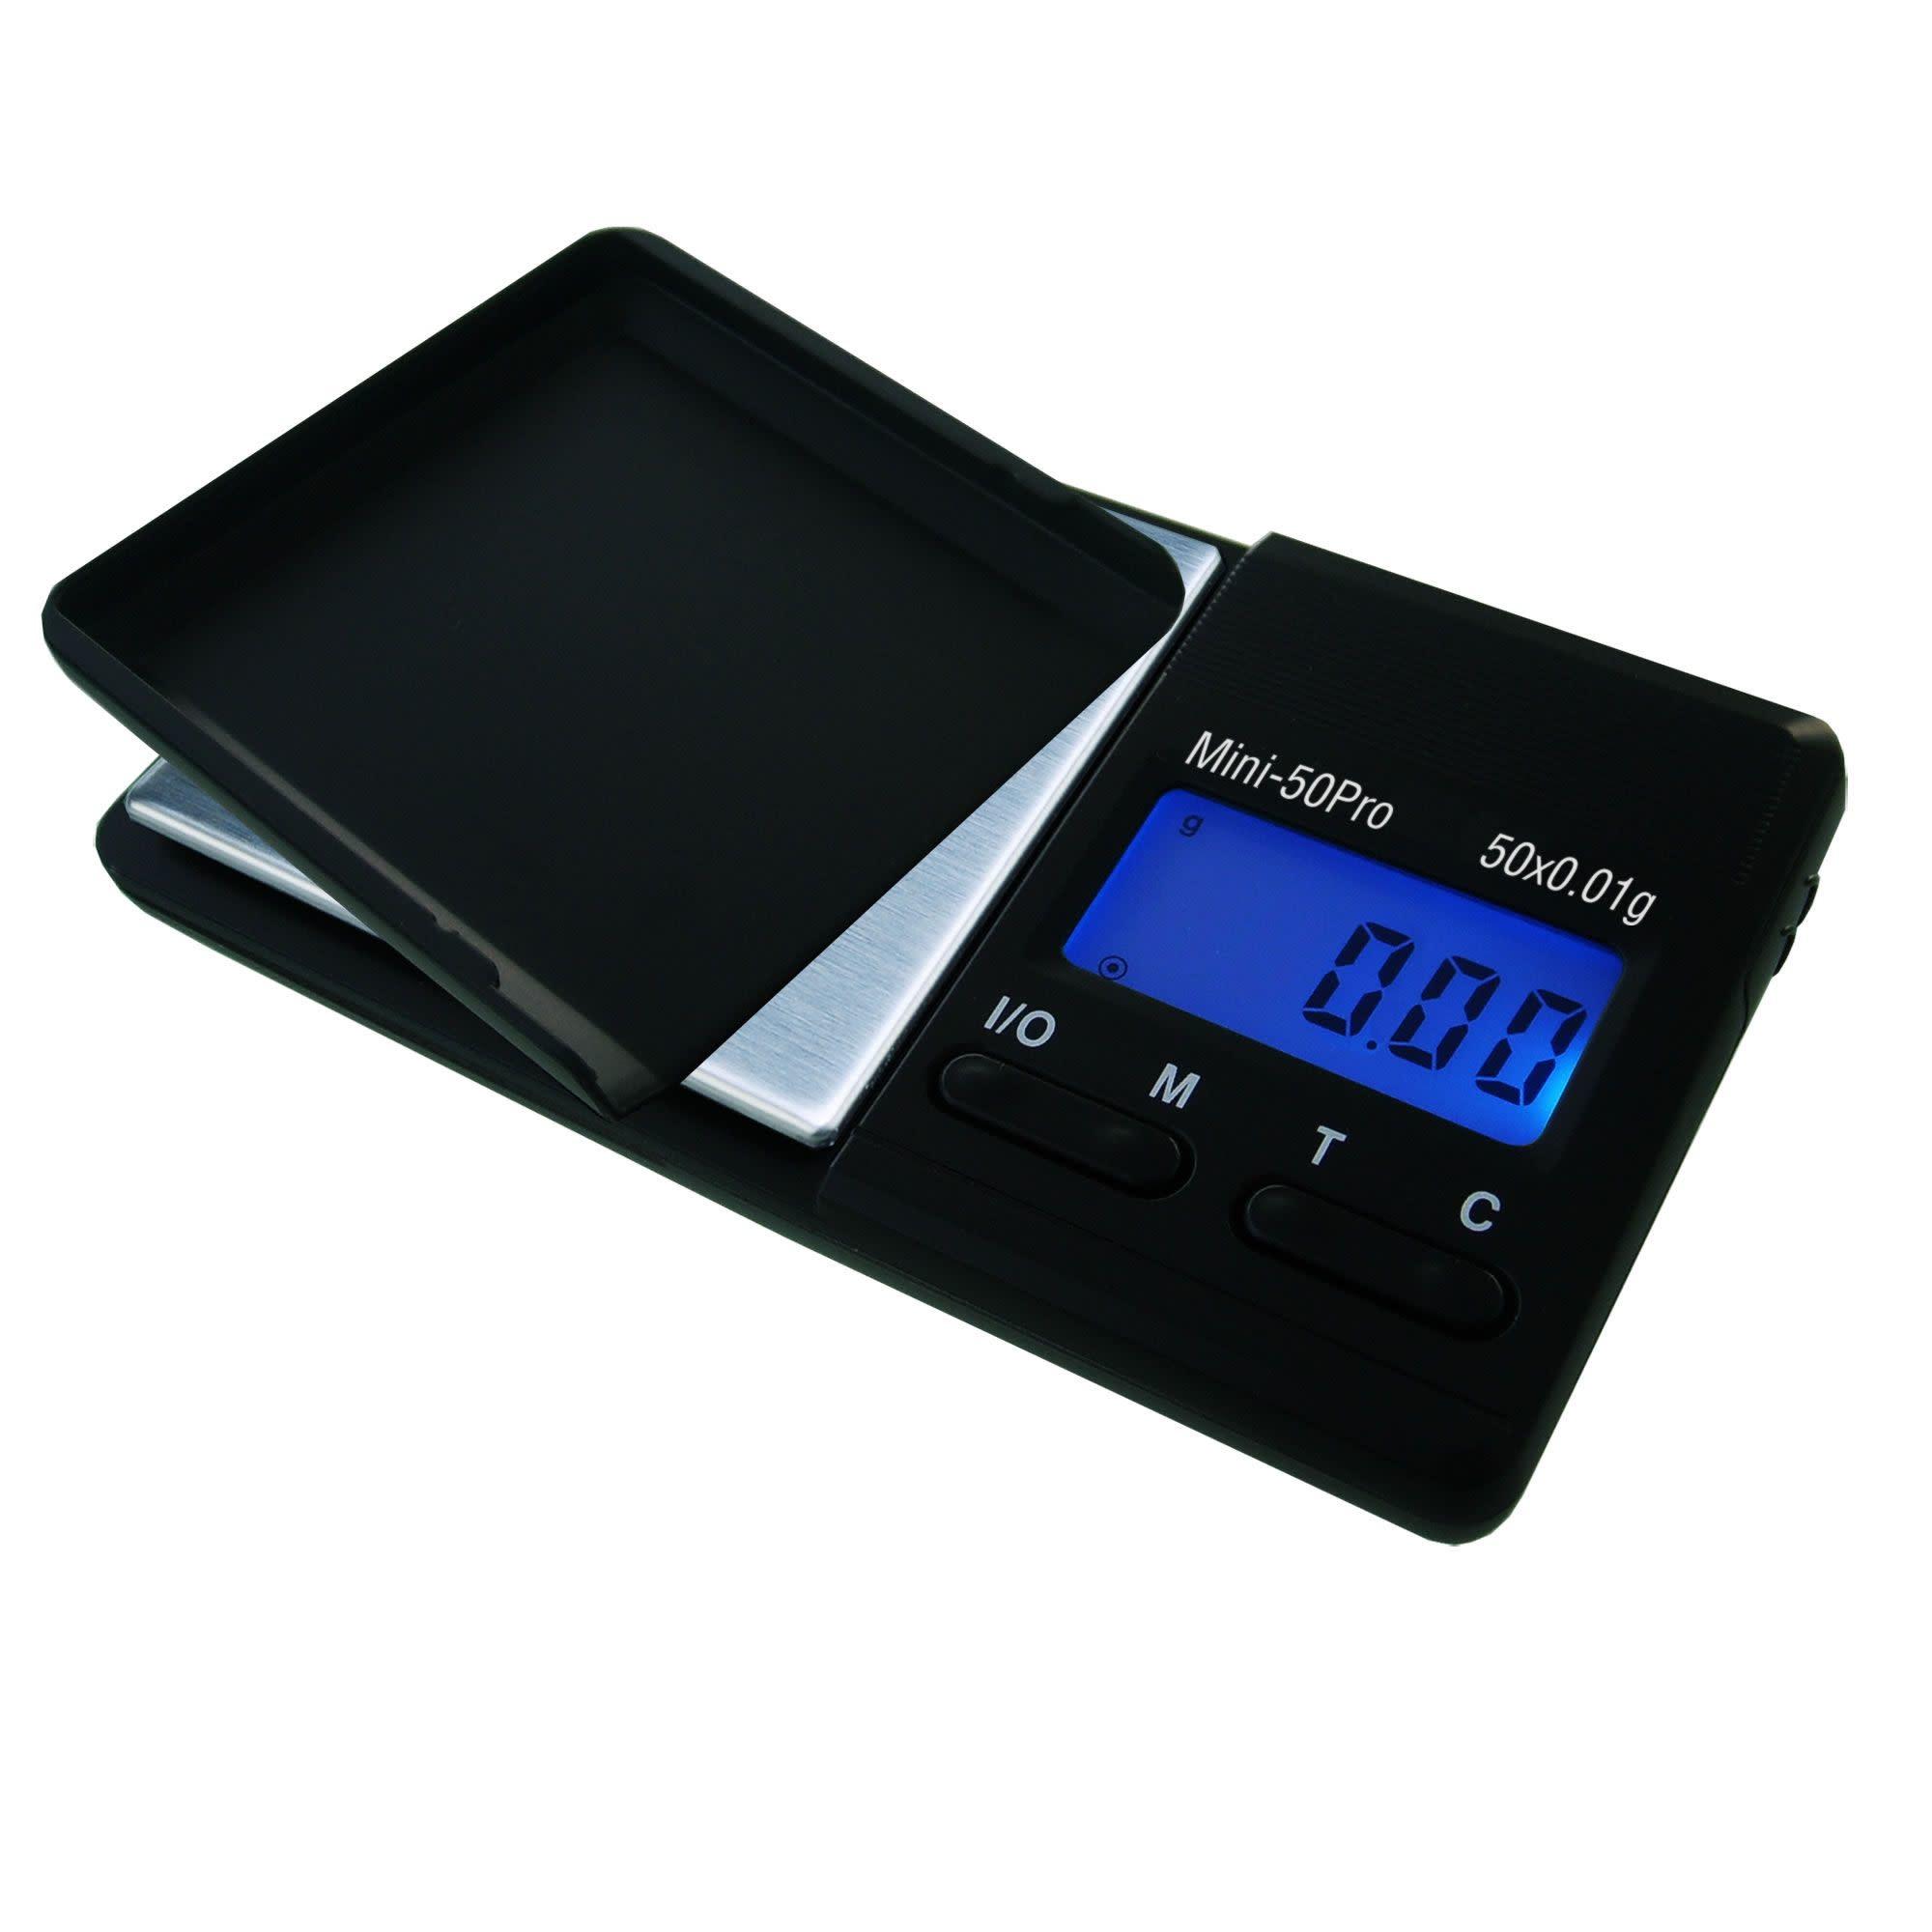 SB Mini-50 Pro Scale